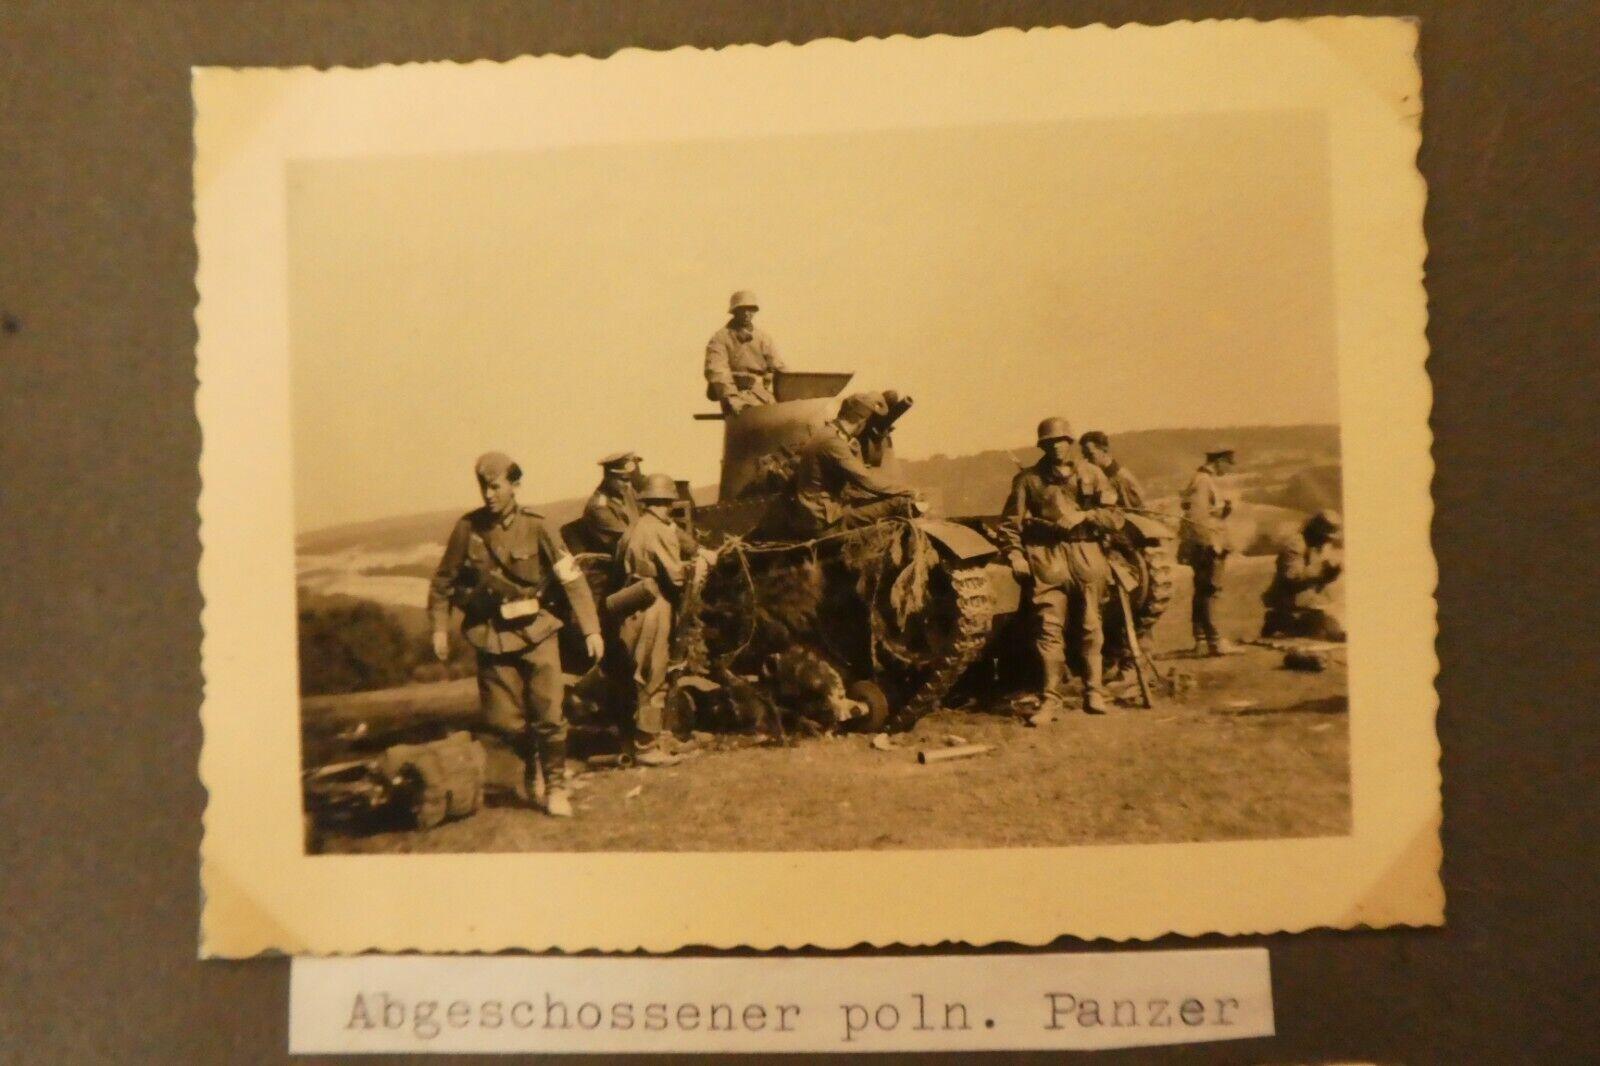 Bild 1 - 2. WK Foto  Wehrmacht Foto WK II  Foto  Abgeschossener Polen Panzer   Polen